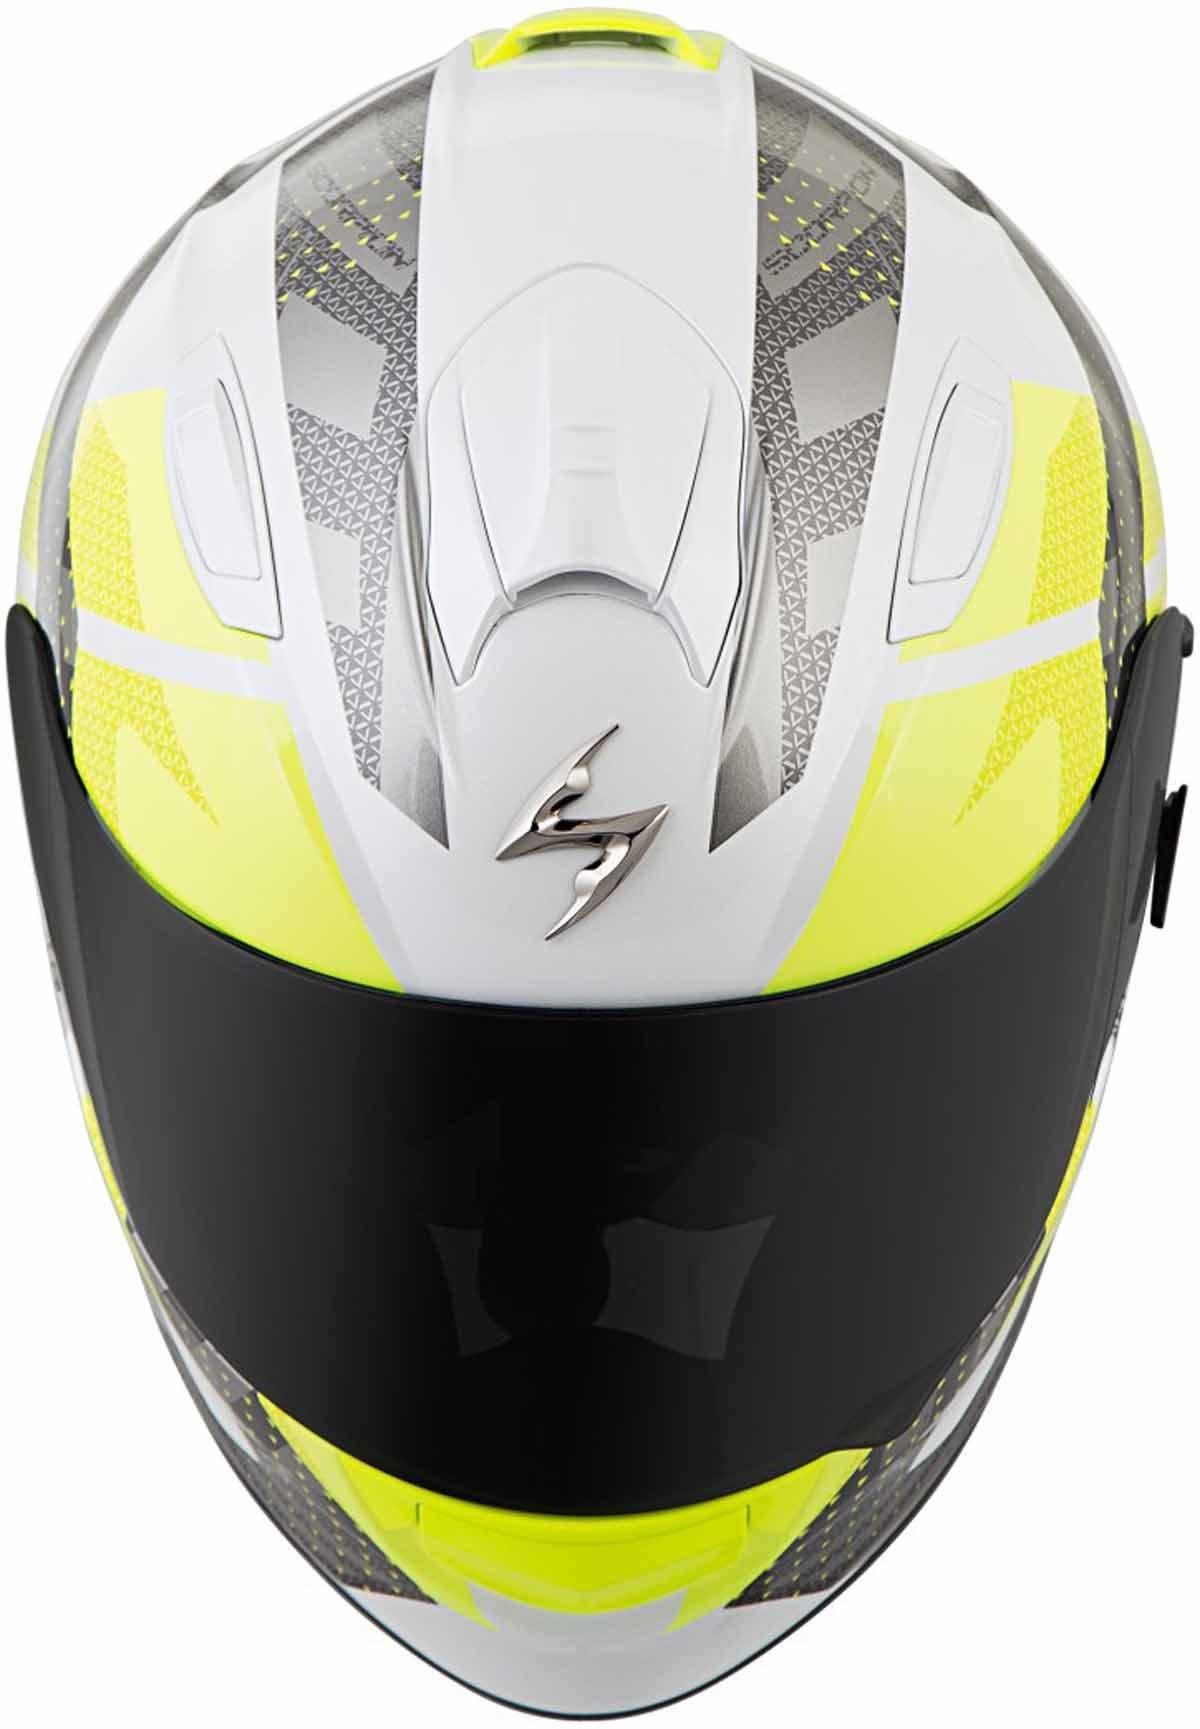 Scorpion-EXO-T510-Helmet-Full-Face-DOT-Approved-Inner-Sun-Shield miniature 78